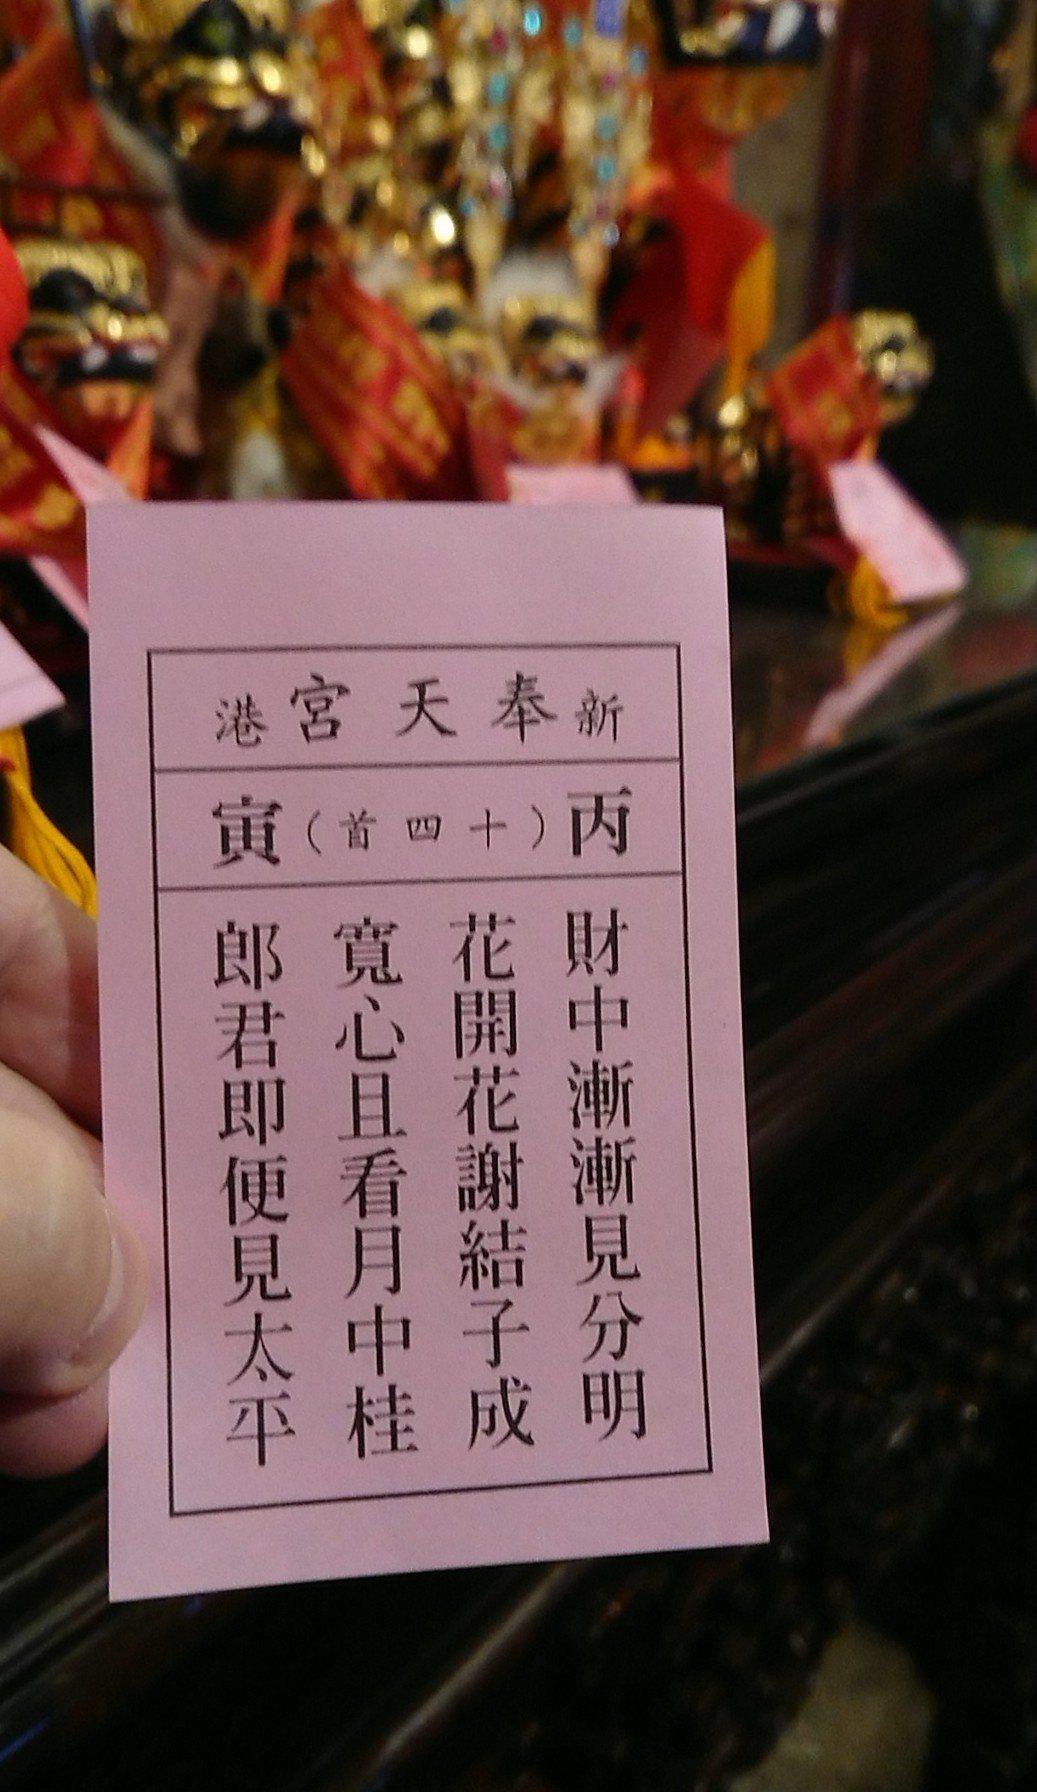 新港奉天宮今天抽出 中上國運籤。記者卜敏正/攝影